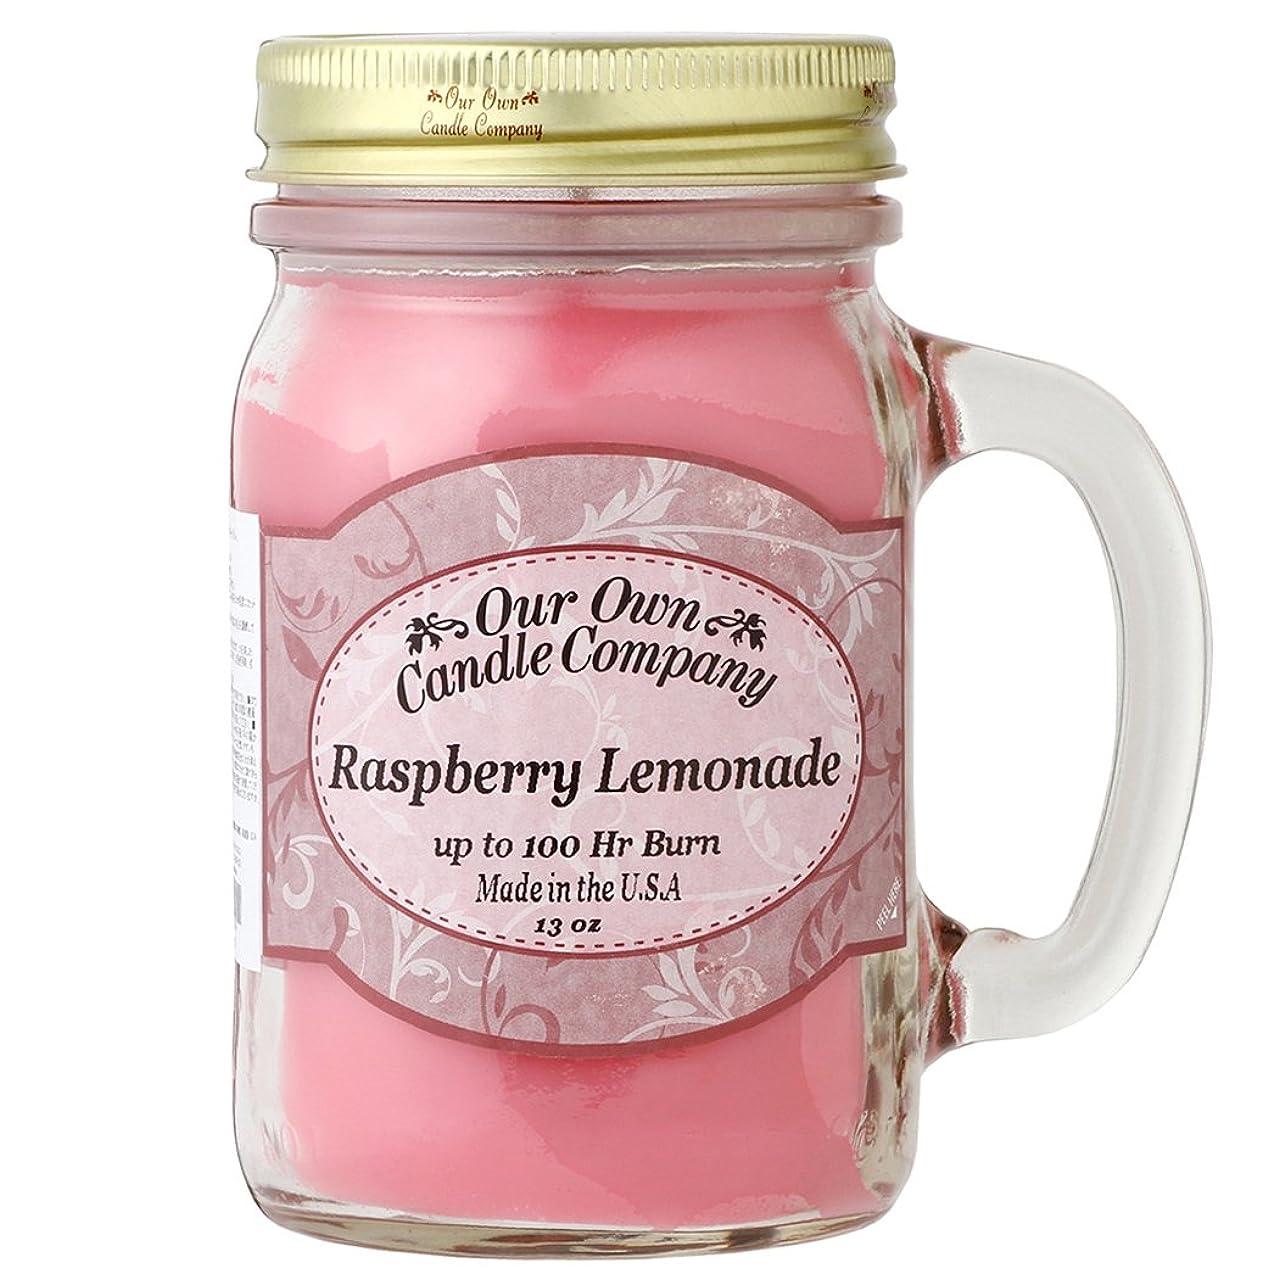 強盗溶ける脱走Our Own Candle Company メイソンジャーキャンドル ラージサイズ ラズベリーレモネード OU100096